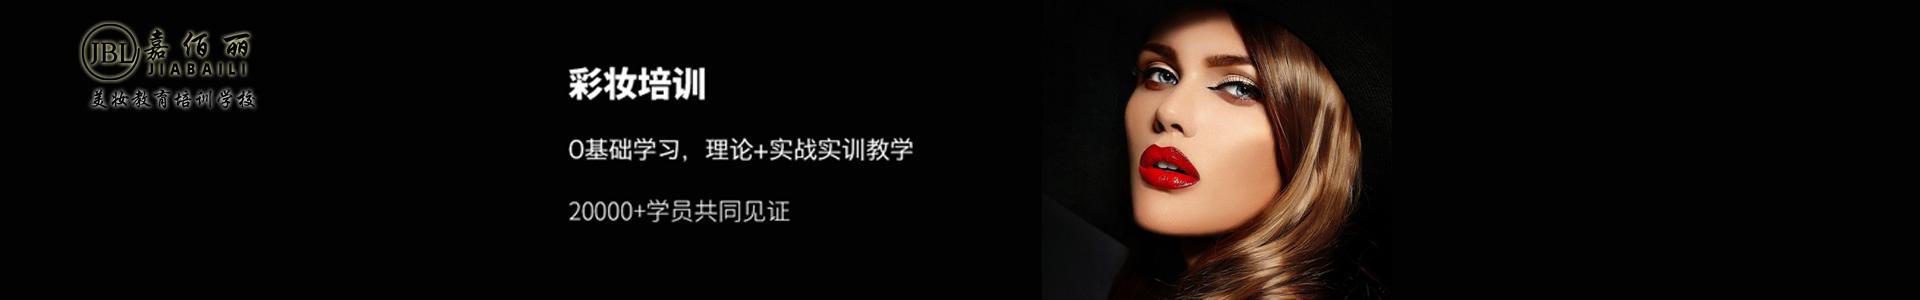 上海嘉佰丽美妆培训学校